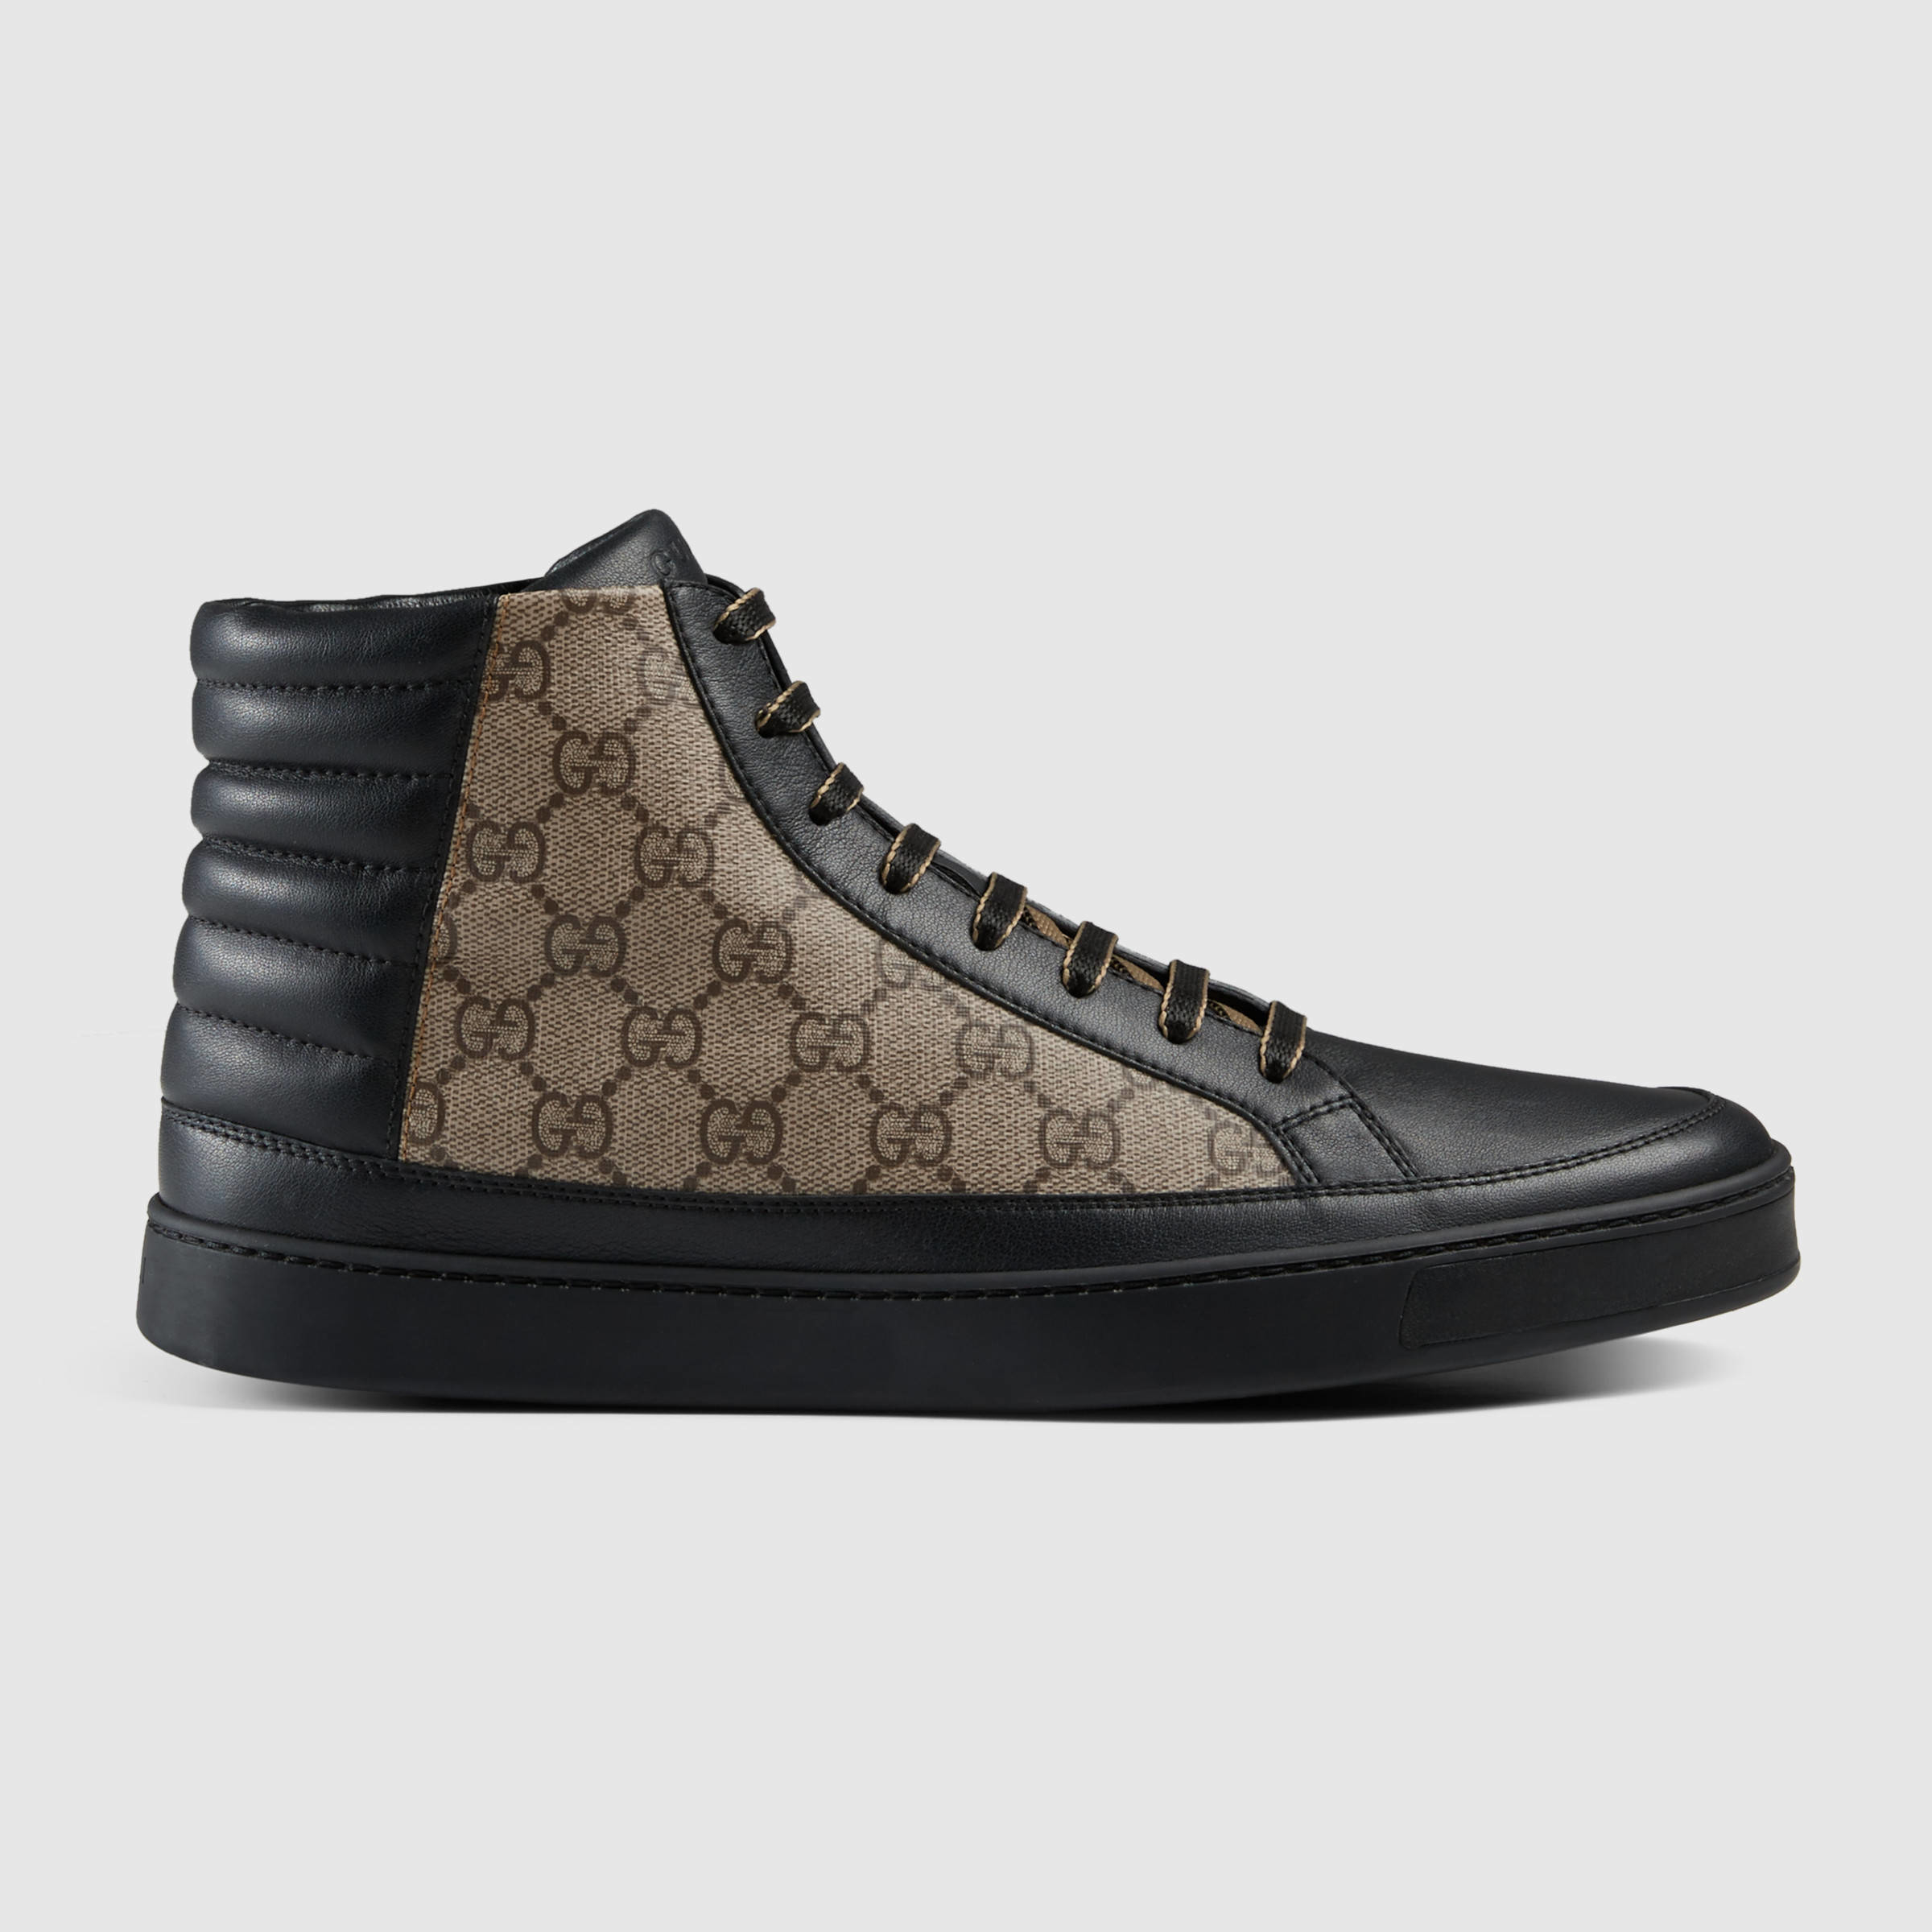 gucci gg supreme hi top sneakers in black for men lyst. Black Bedroom Furniture Sets. Home Design Ideas